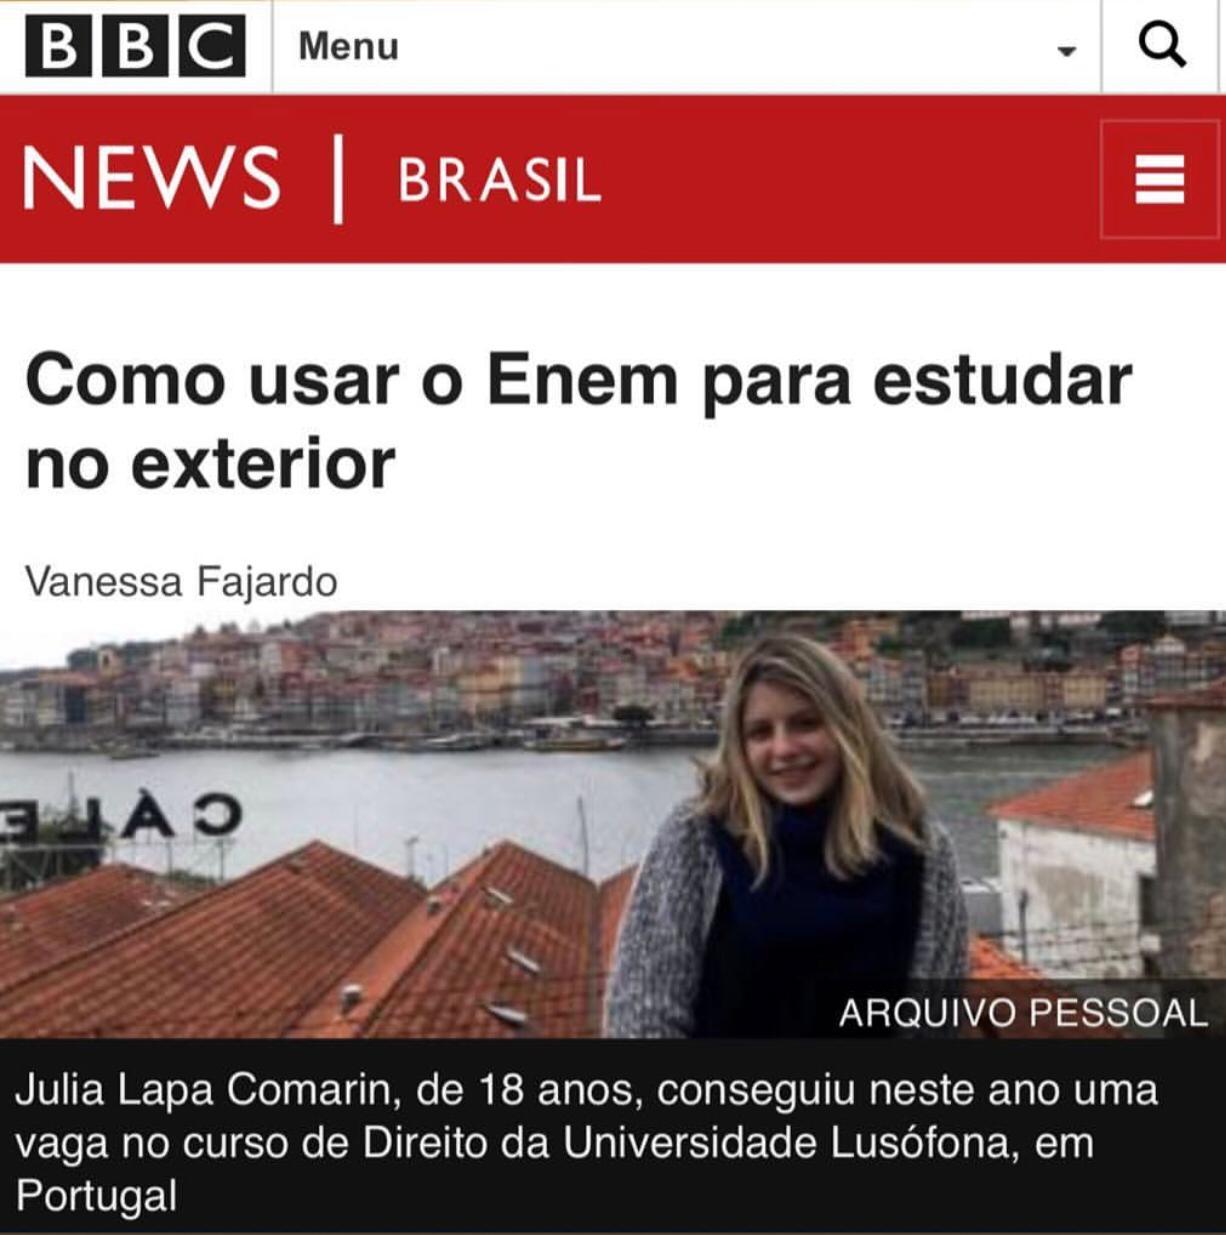 BBC – ENEM abre portas para universidades no exterior